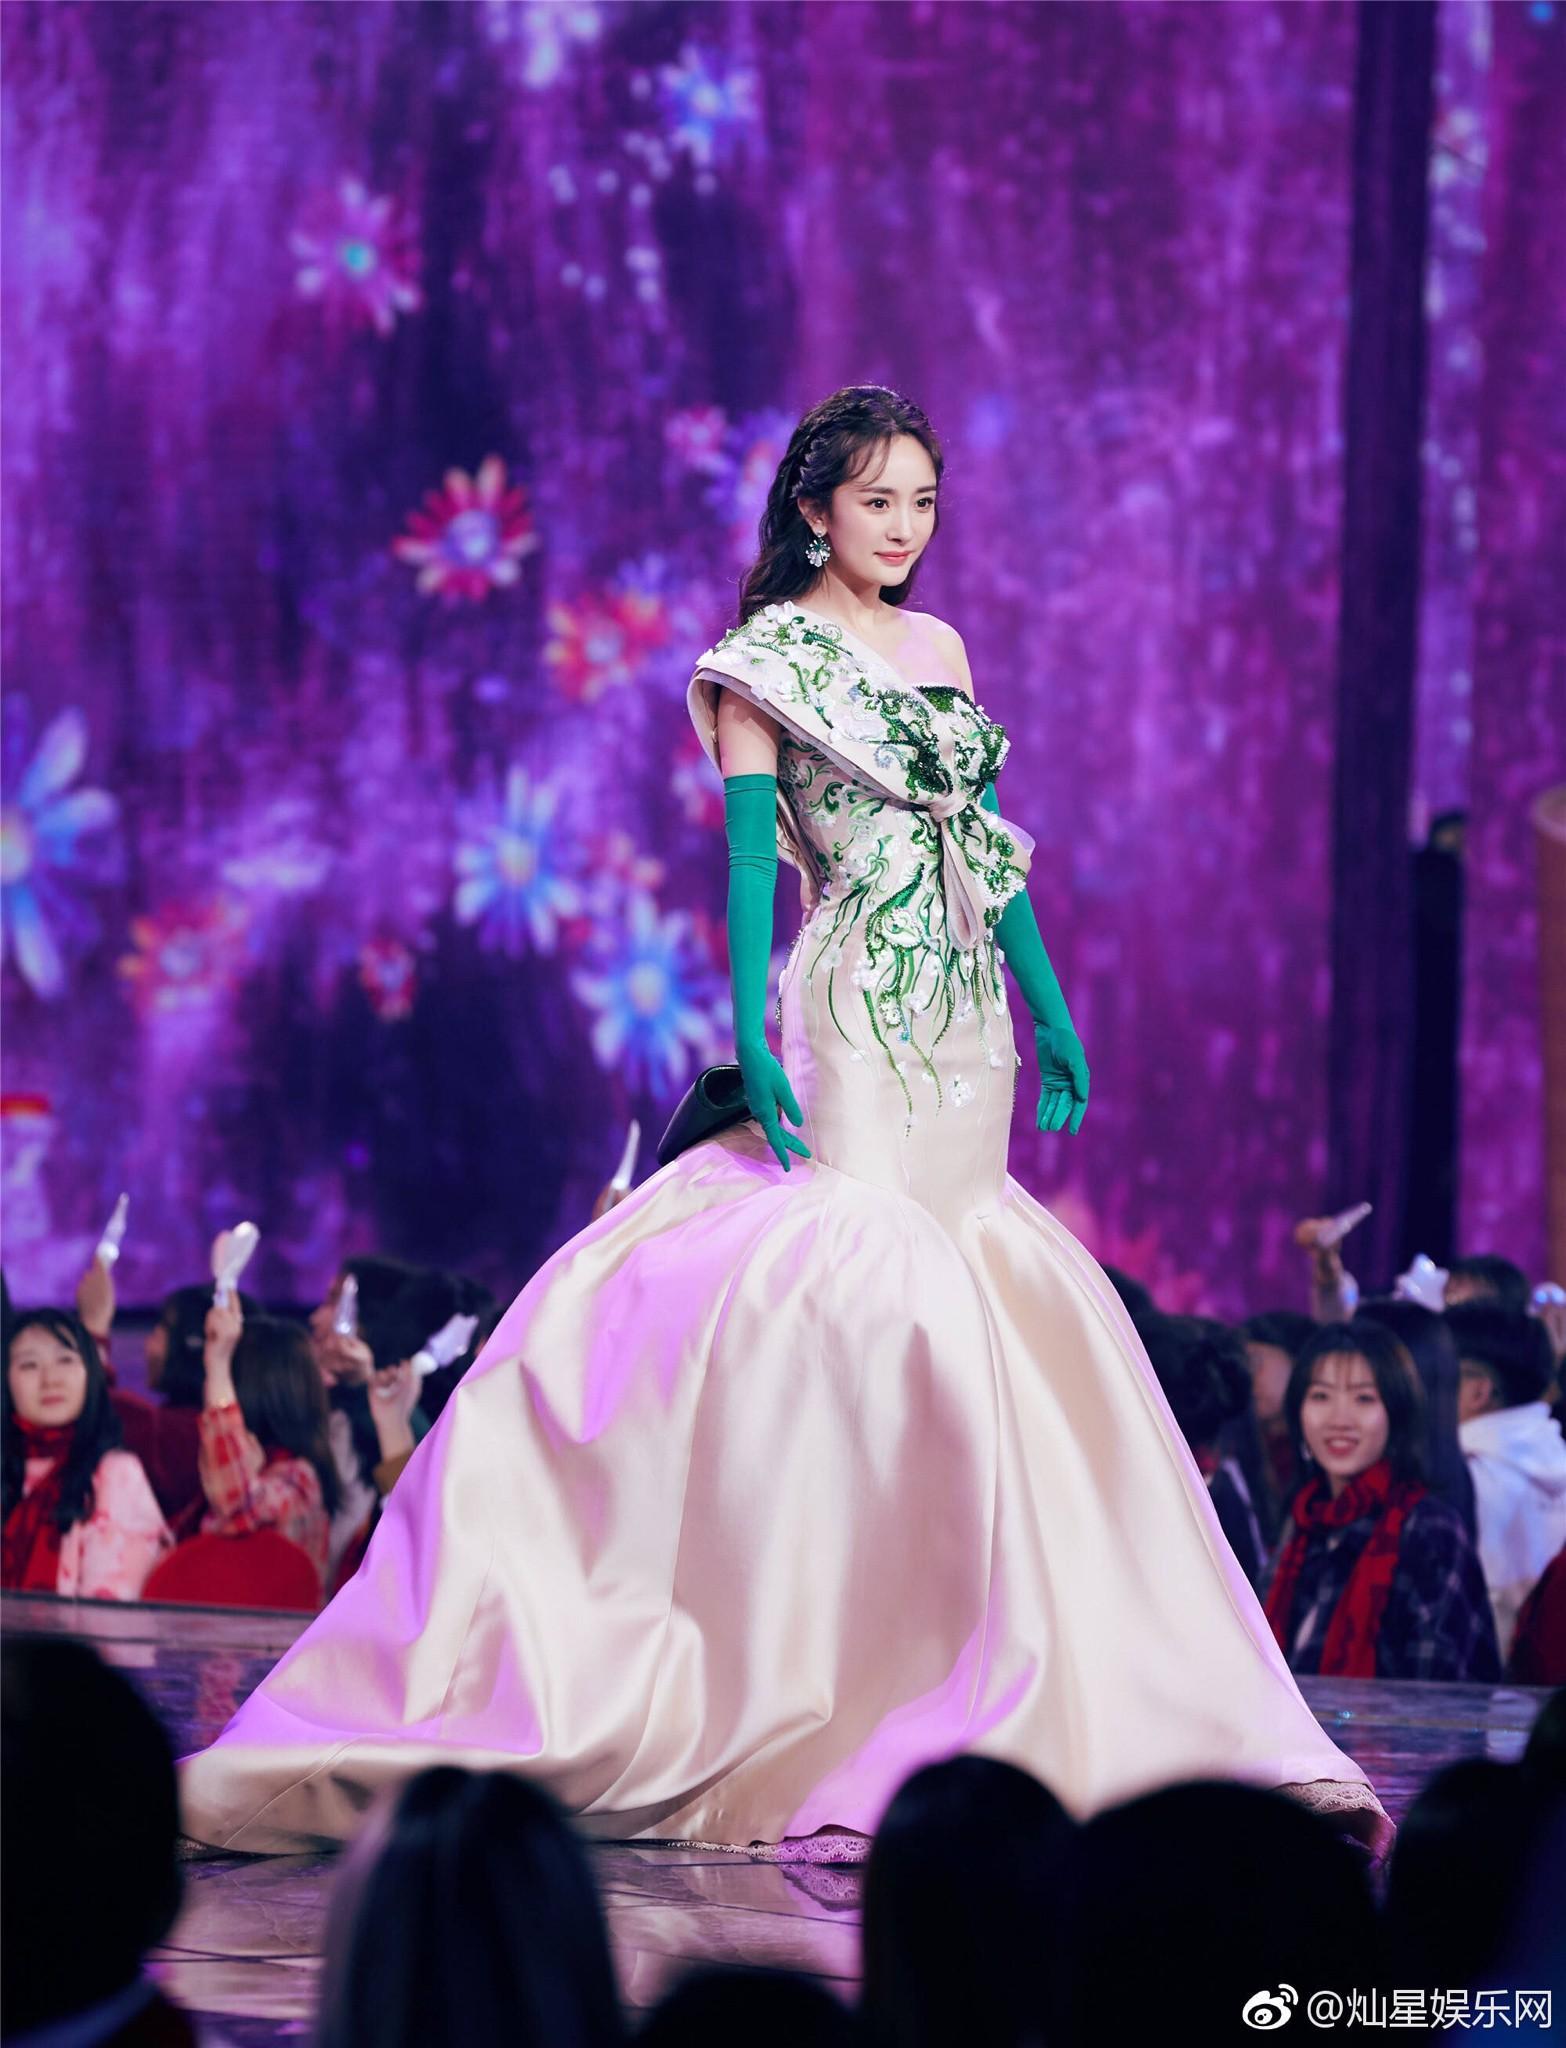 Vòng 2 nhỏ hơn cả siêu mẫu, Dương Mịch khiến NTK nổi tiếng của Phạm Băng Băng cũng ngỡ ngàng khi cô diện đẹp mẫu váy khó nhằn - Ảnh 6.